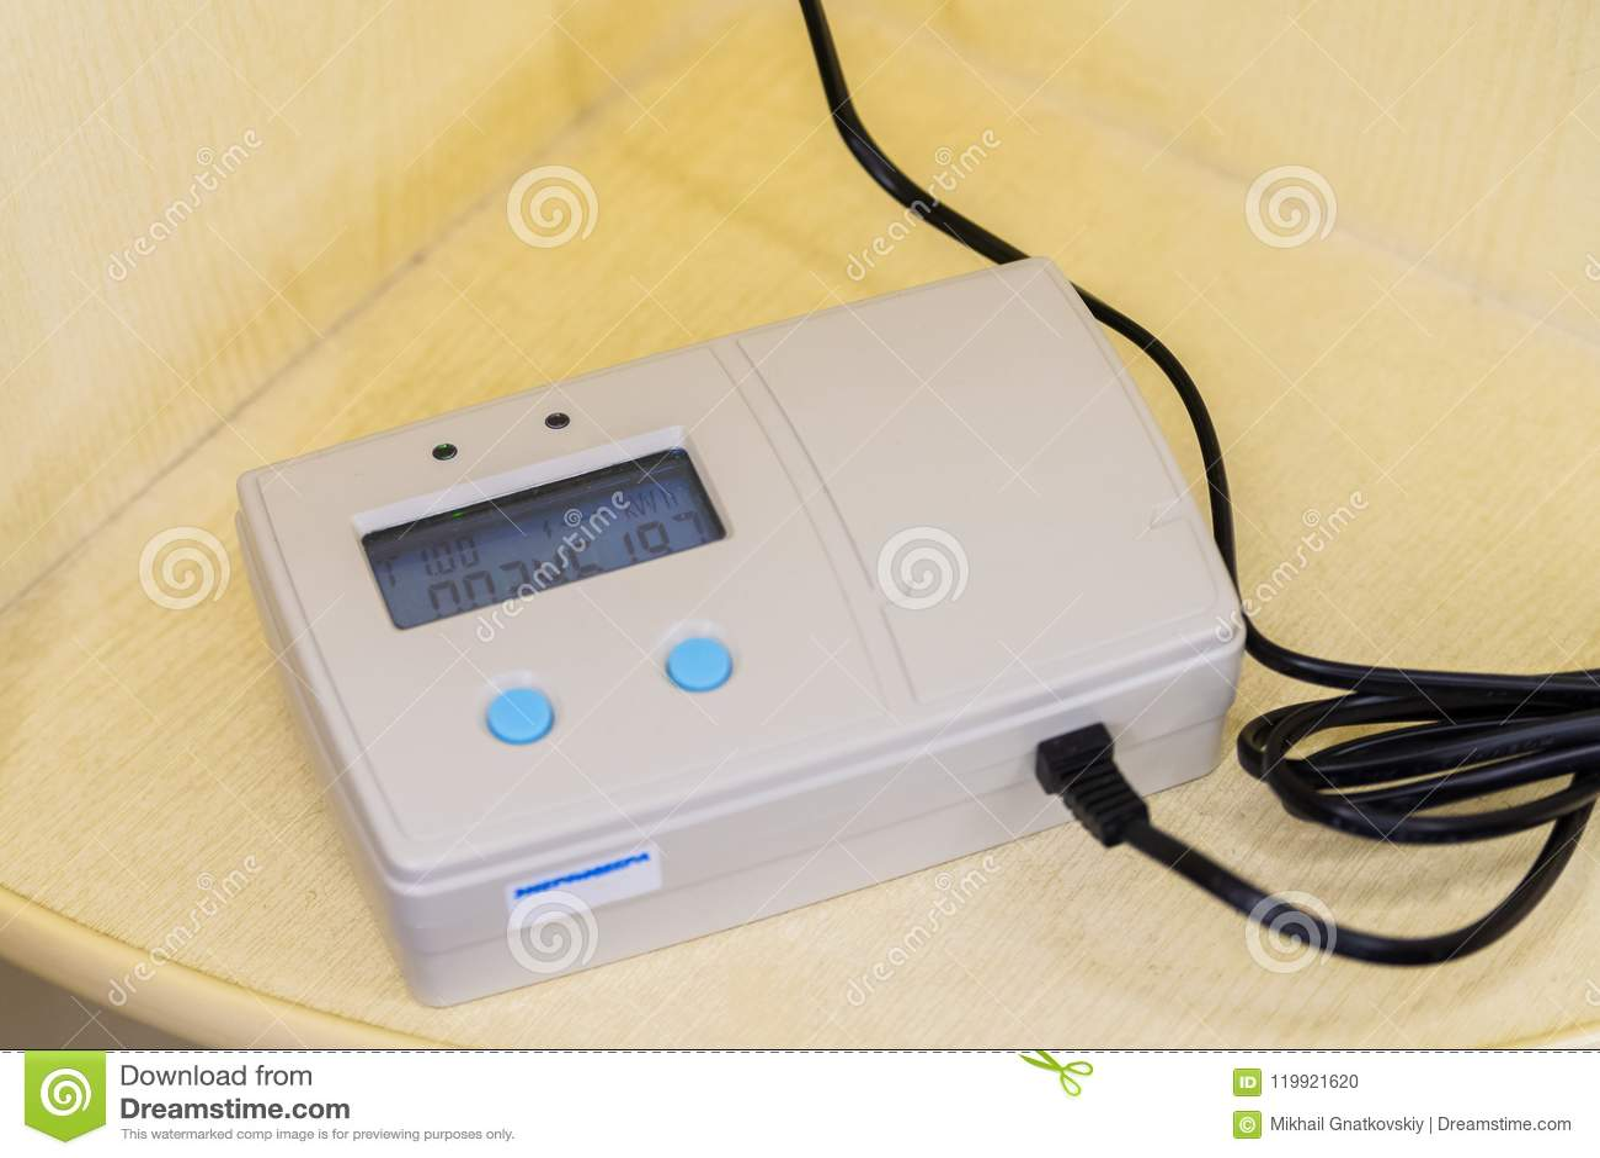 Μακρινός ηλεκτρονικός σύγχρονος έξυπνος μετρητής παροχής ηλεκτρικού ρεύματος πλέγματος κατοικημένος ψηφιακός